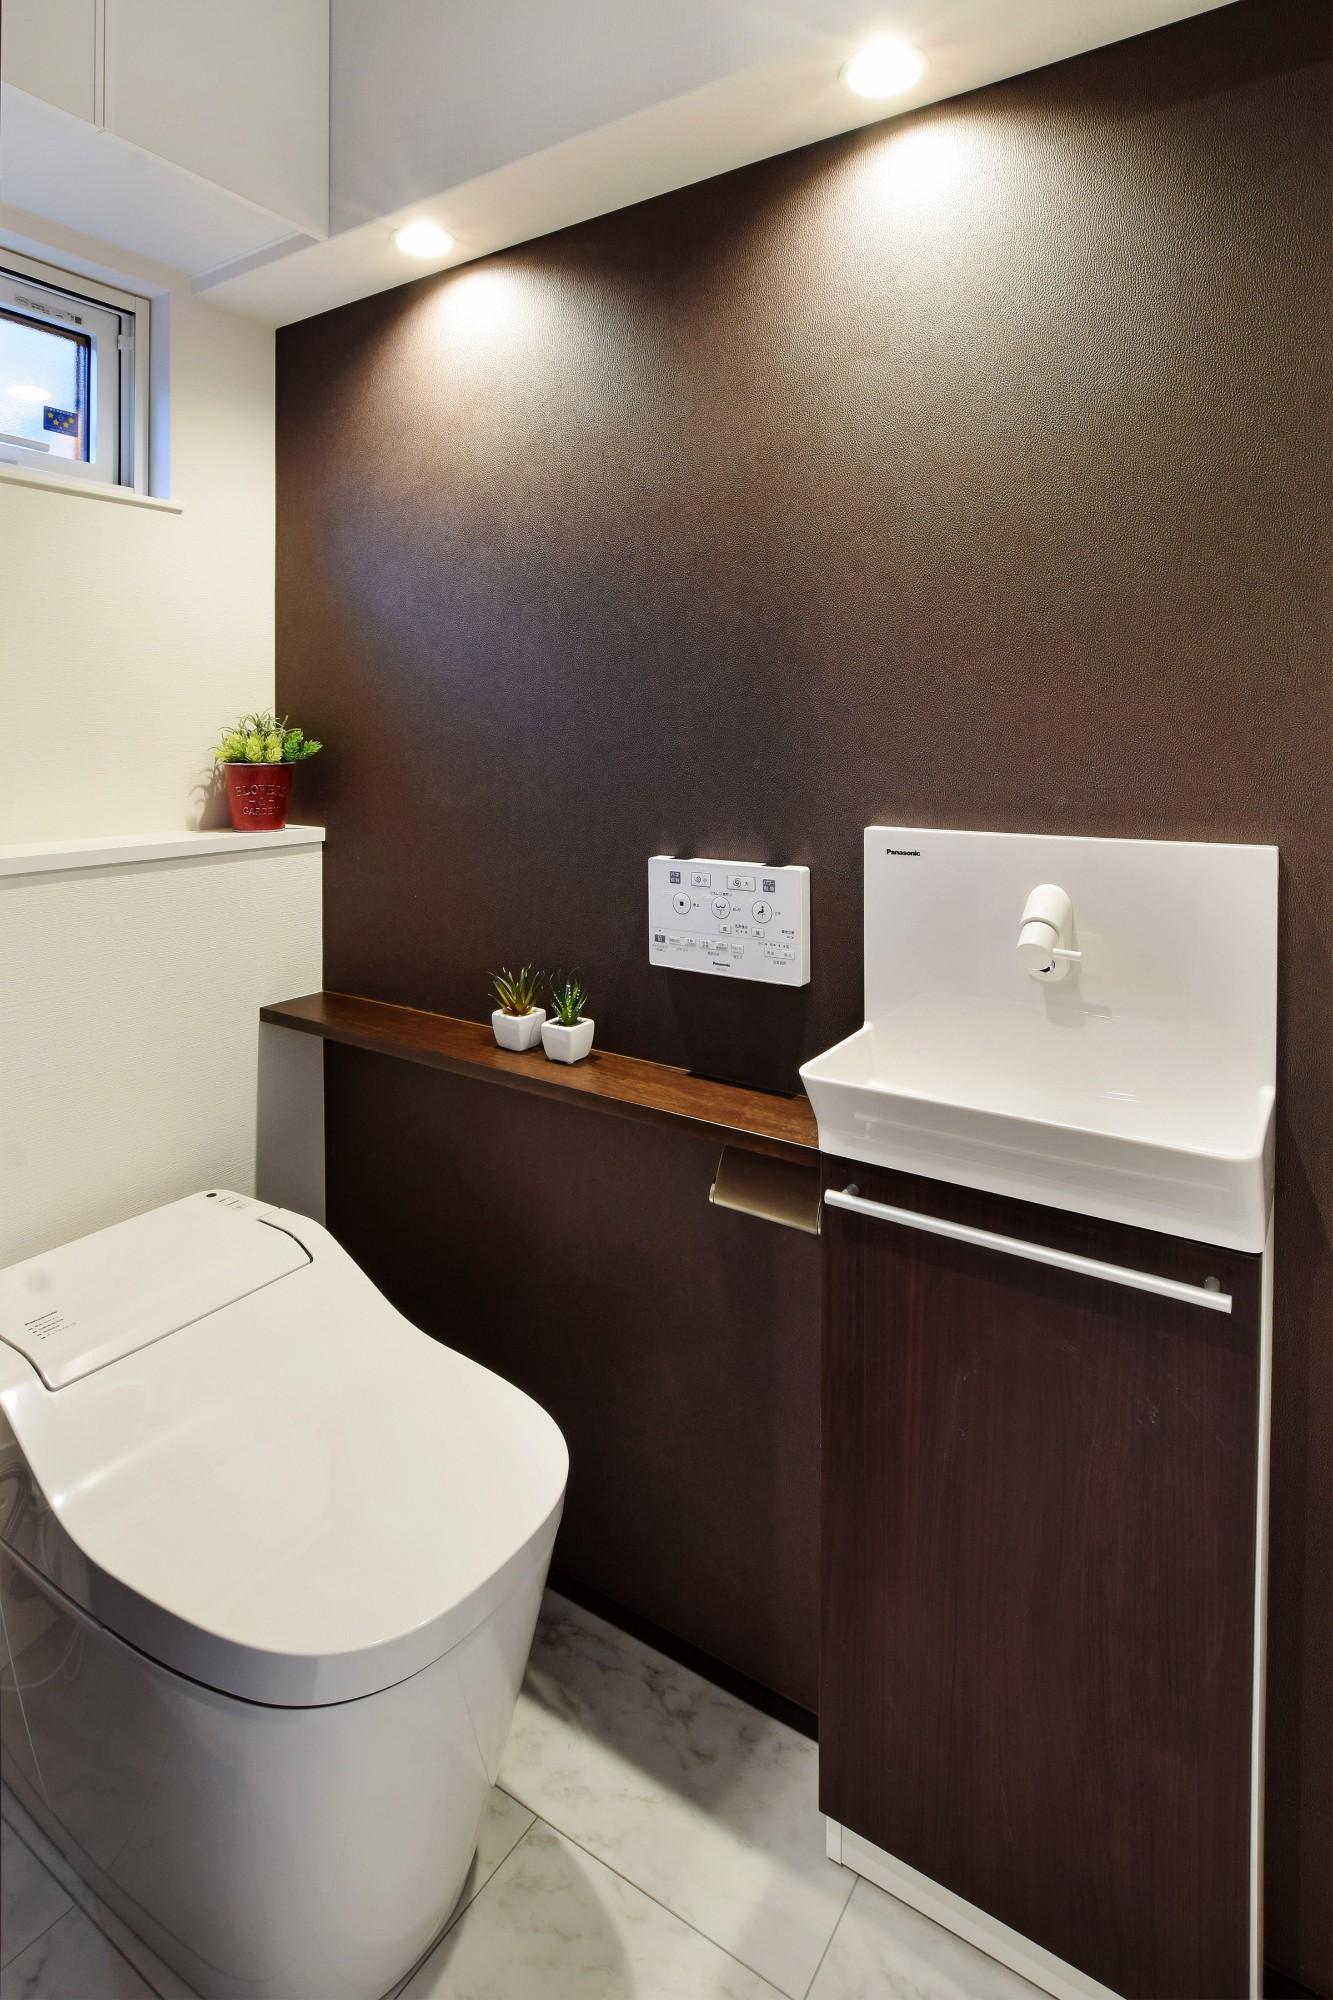 DETAIL HOME(ディテールホーム)「40代からのワンフロアスタイル」のシンプル・ナチュラルなトイレの実例写真